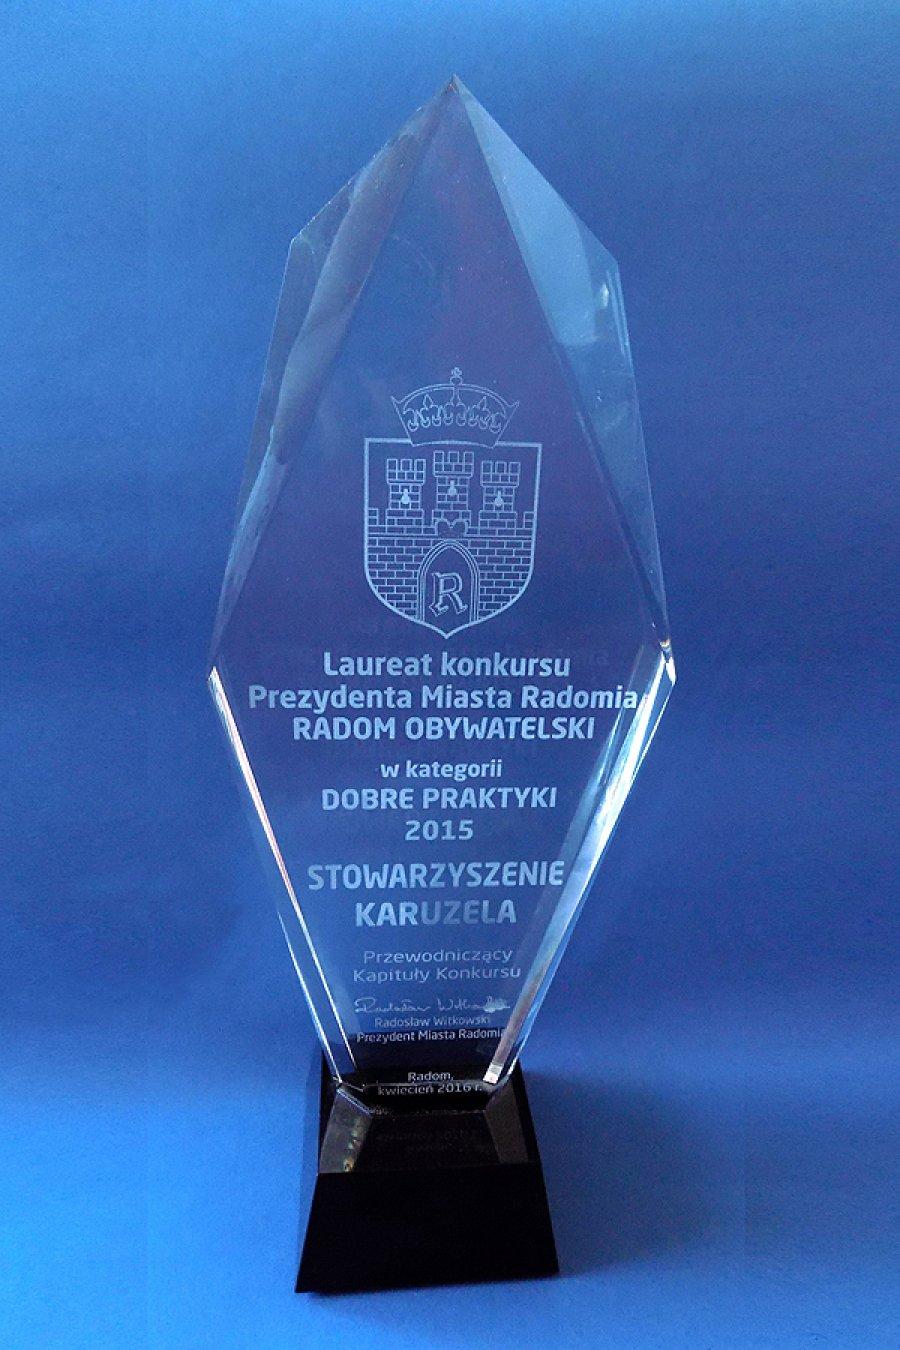 2015 Laureat Konkursu Prezydenta Miasta Radomia RADOM OBYWATELSKI DOBRE PRAKTYKI